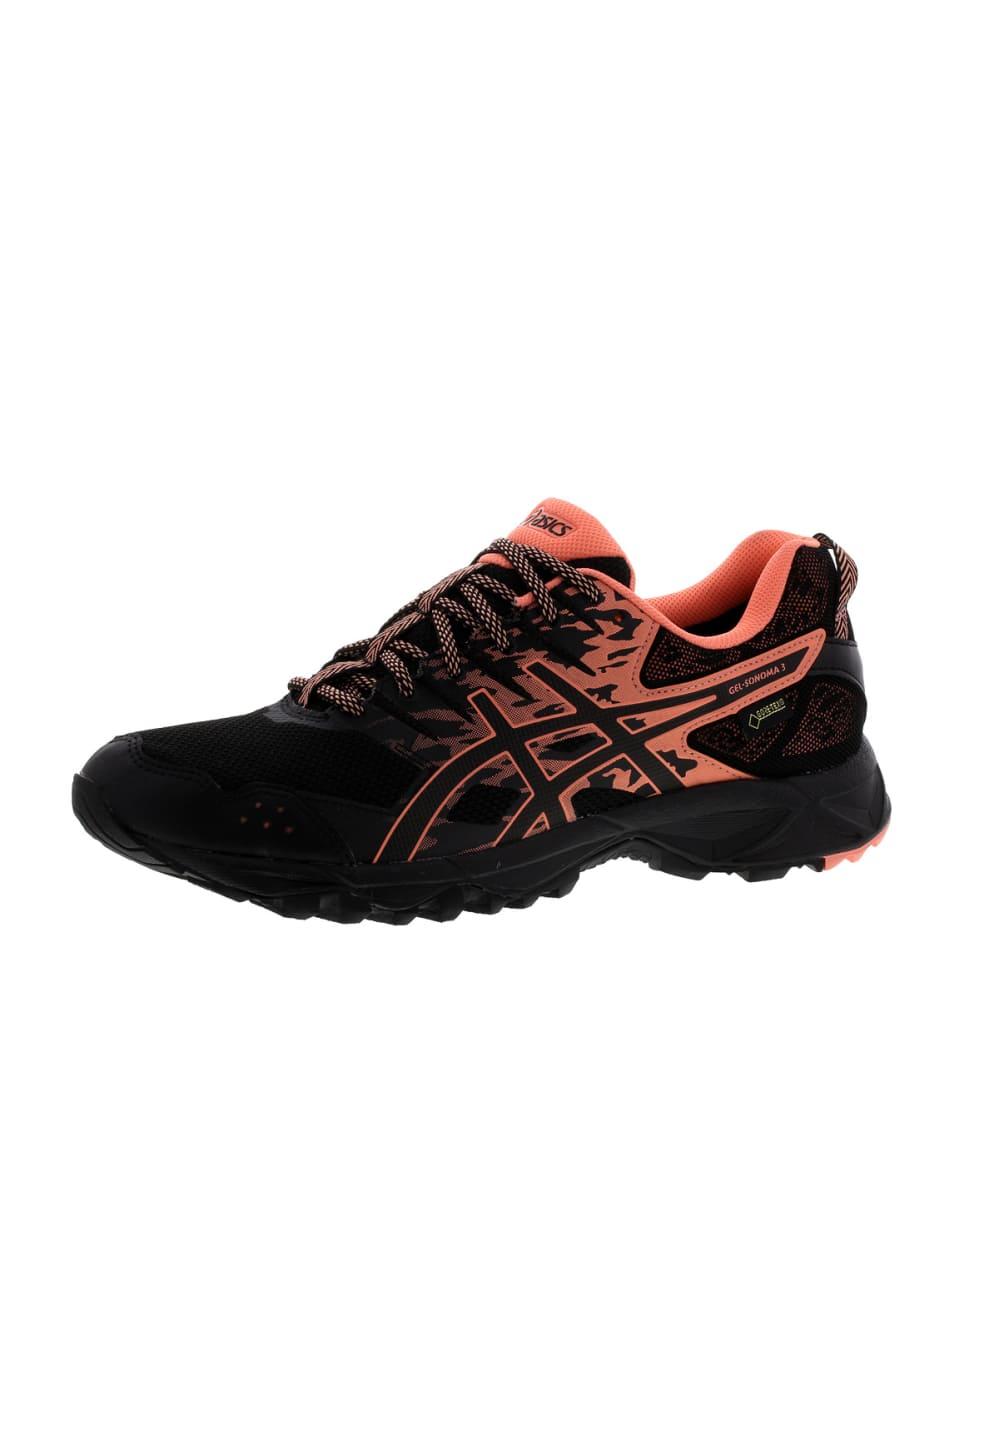 ASICS GEL Sonoma 3 G TX Zapatillas de running para Mujer Negro